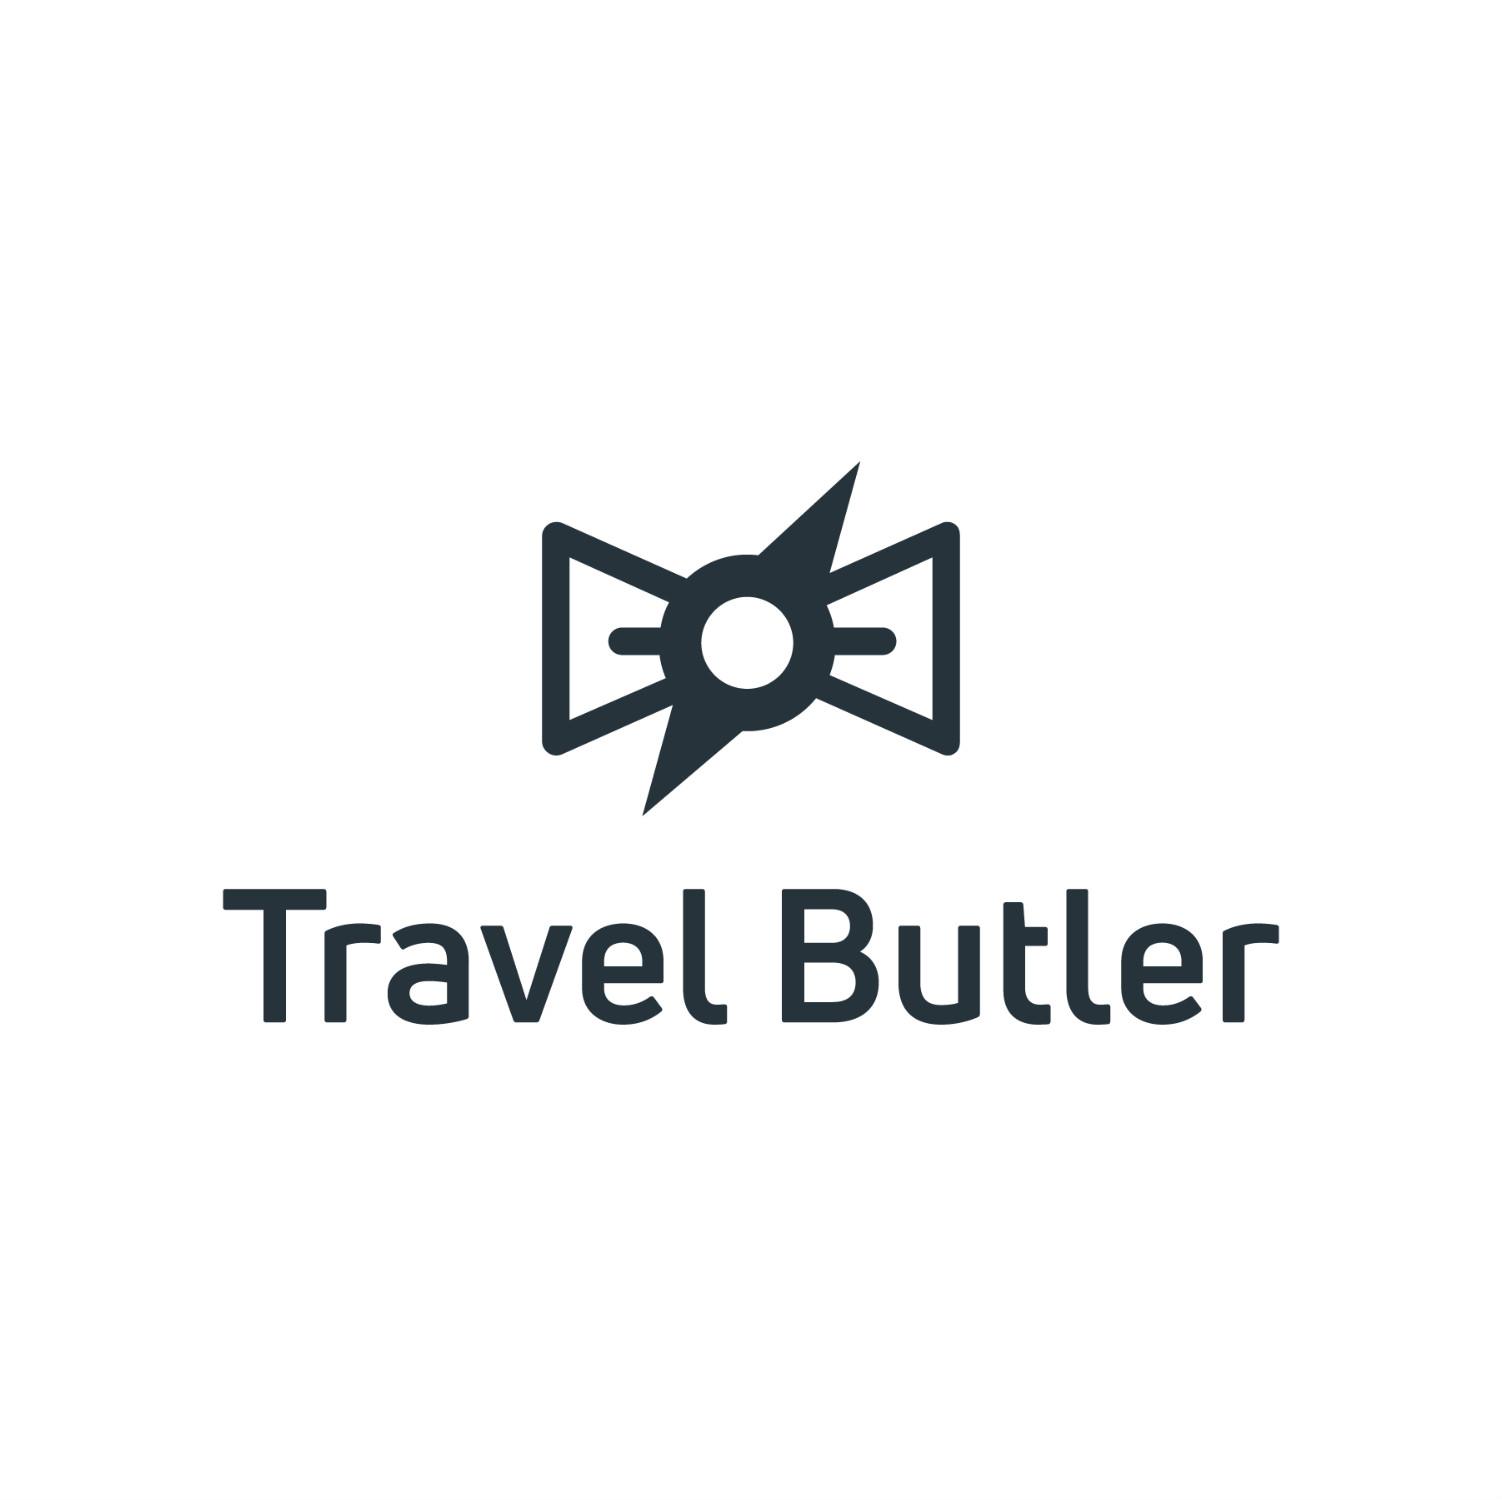 Travel Butler